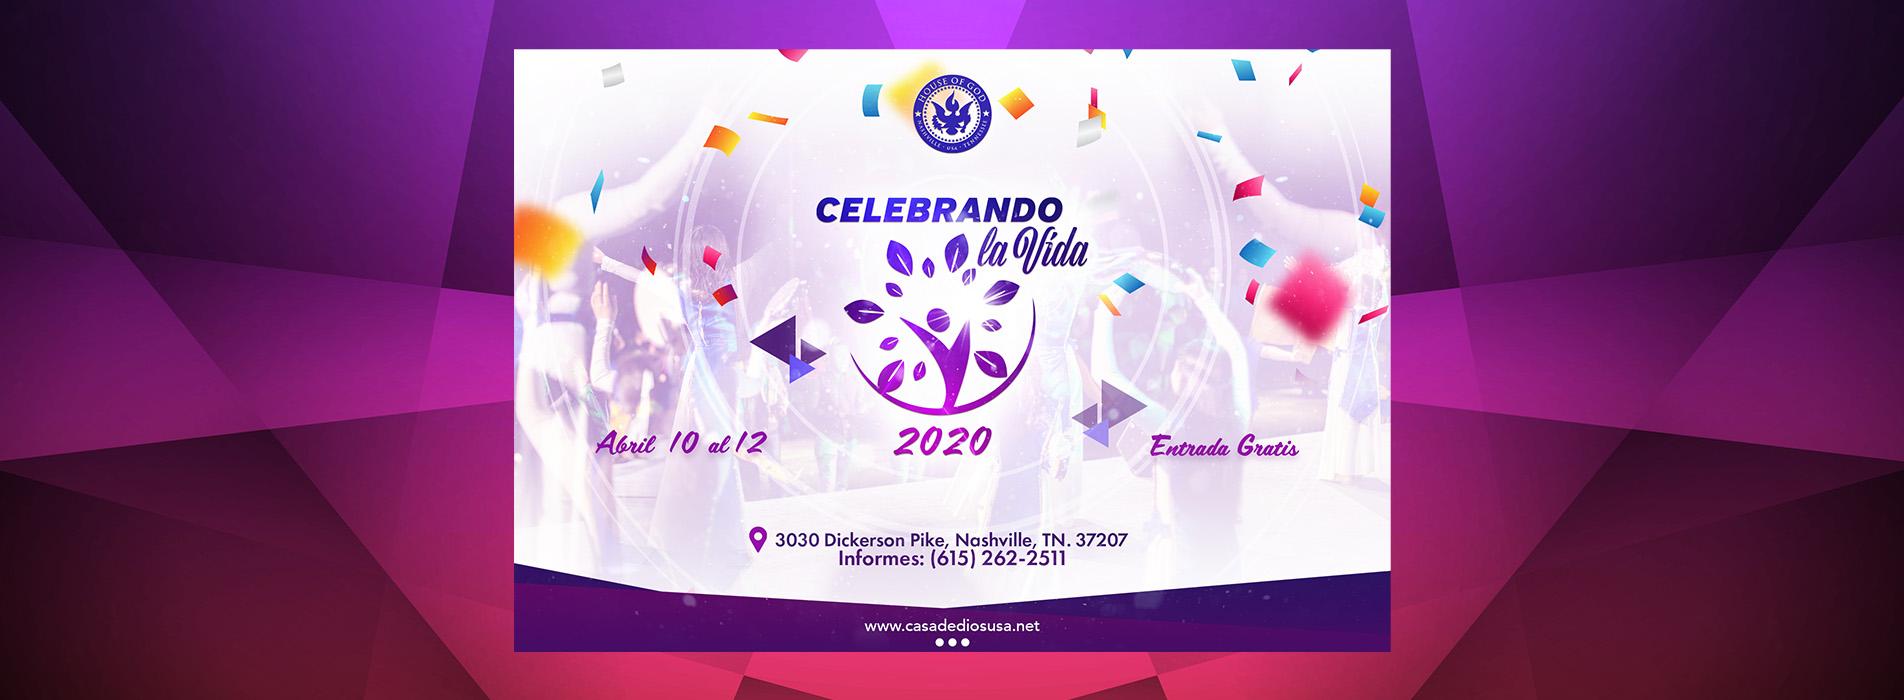 Slider-Celebrando-la-vida-2020